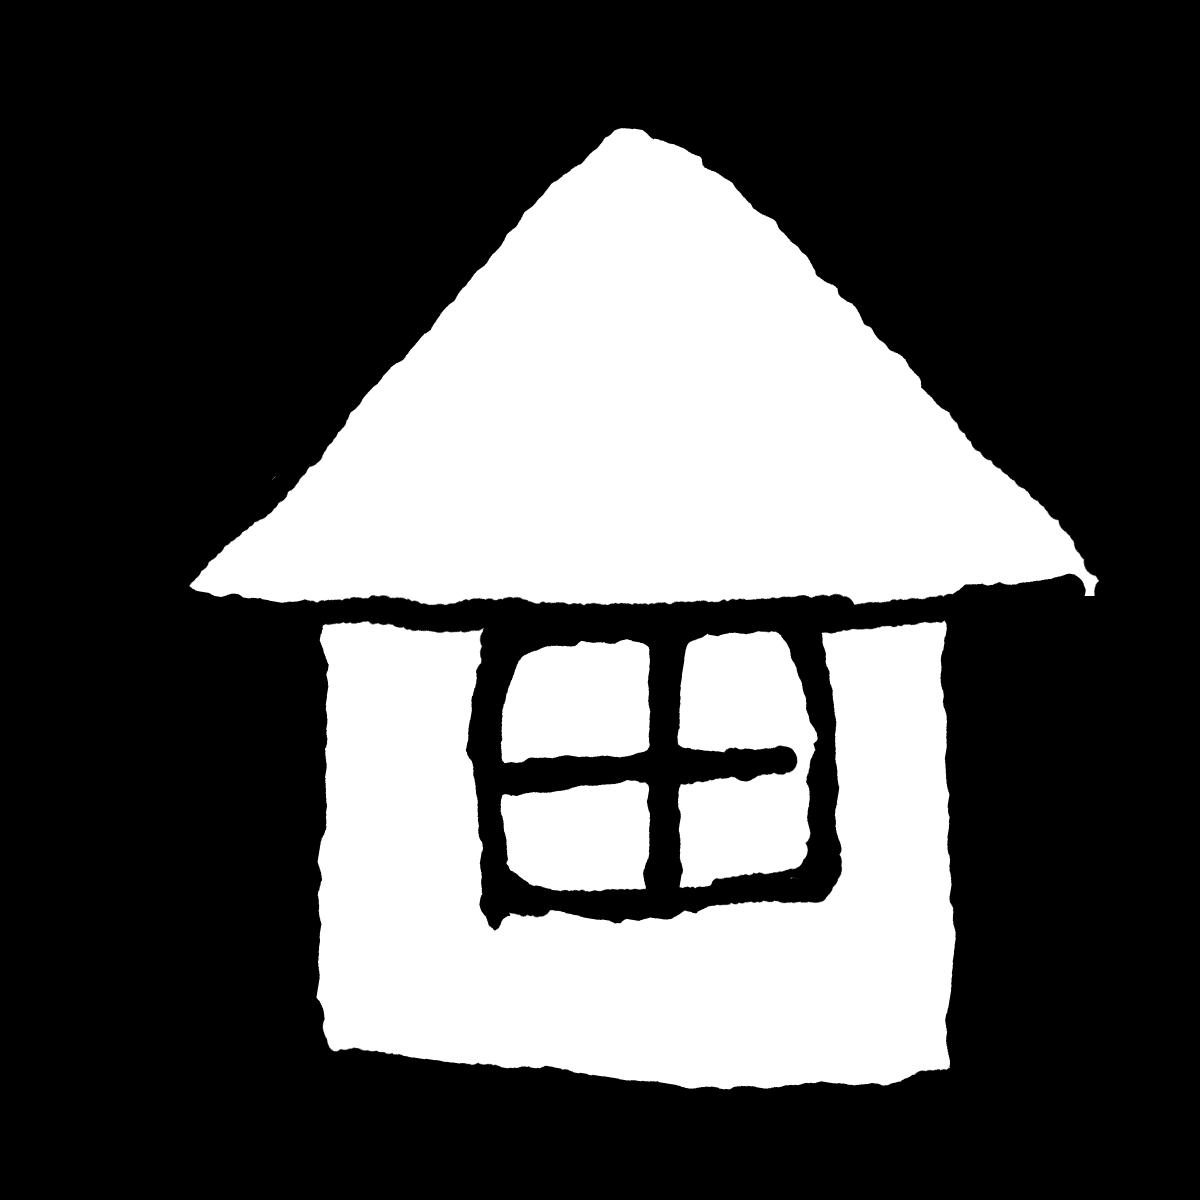 家のイラスト / House Illustration